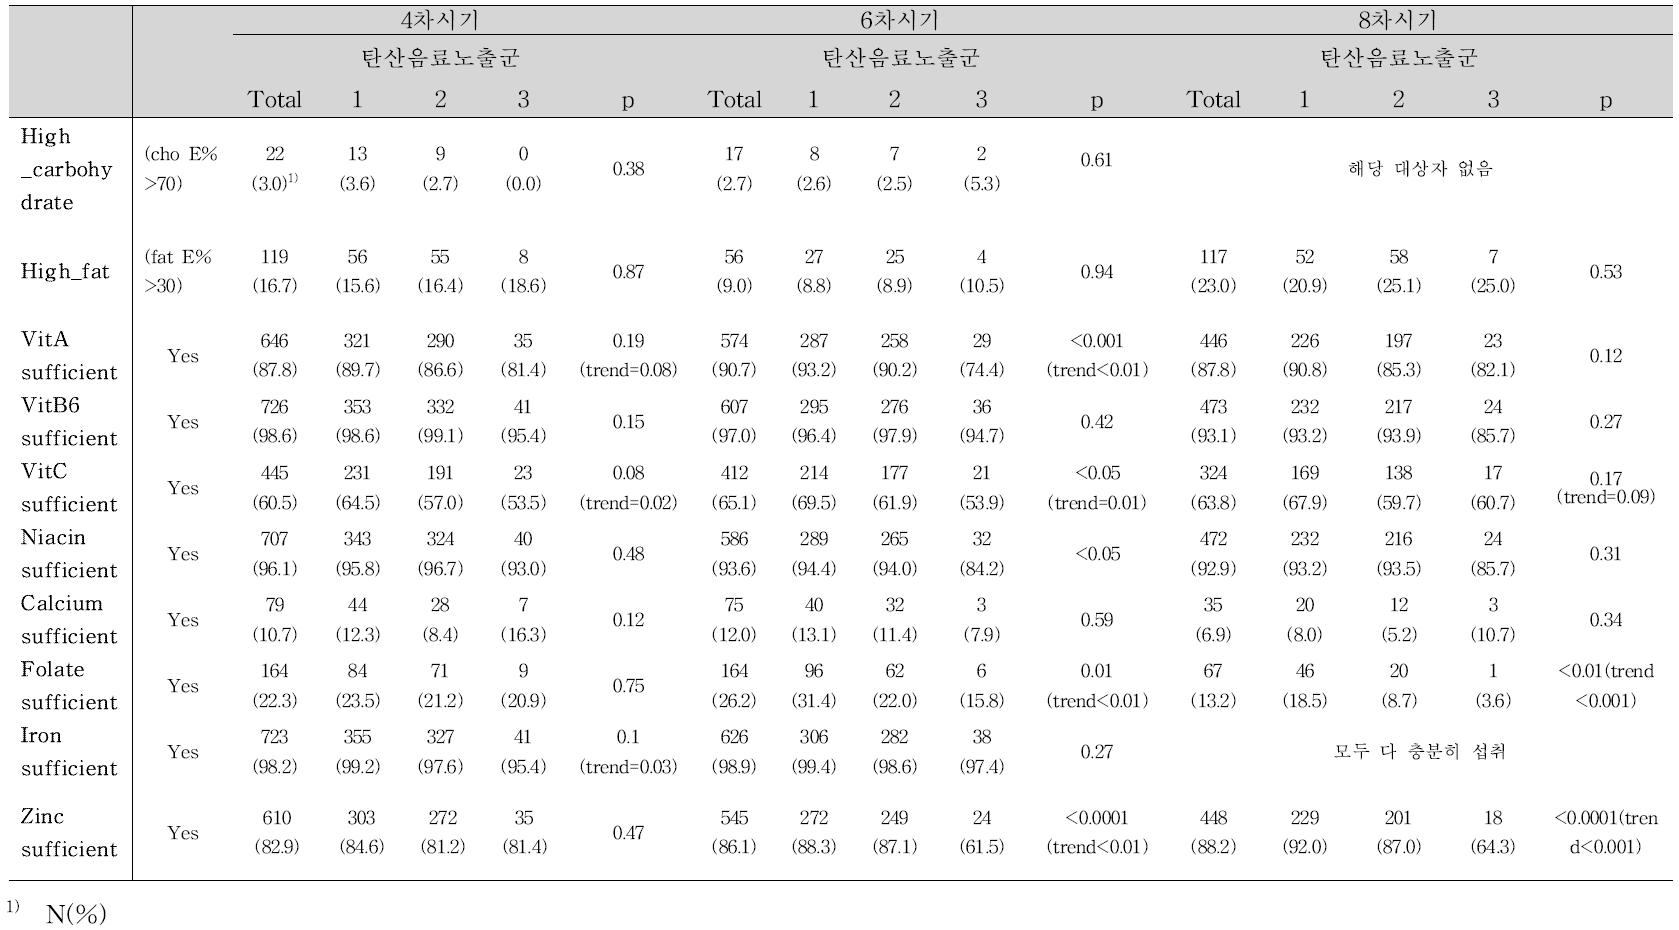 소아시기의 탄산음료 섭취 수준에 따른 식이 질 수준 (과섭취 및 평균섭취량 만족 여부)